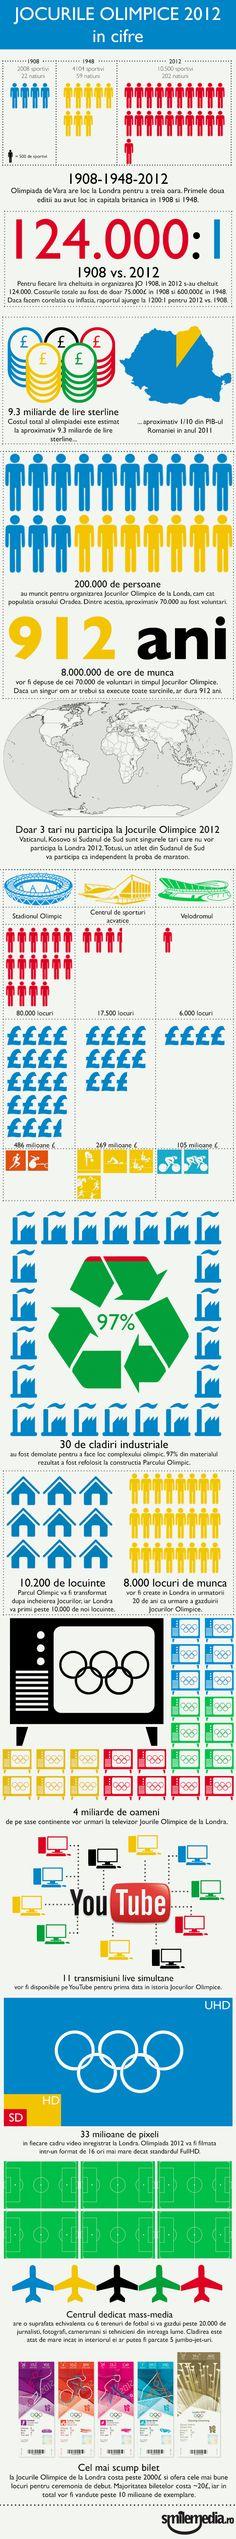 INFOGRAFIC Jocurile Olimpice de la Londra, in cifre